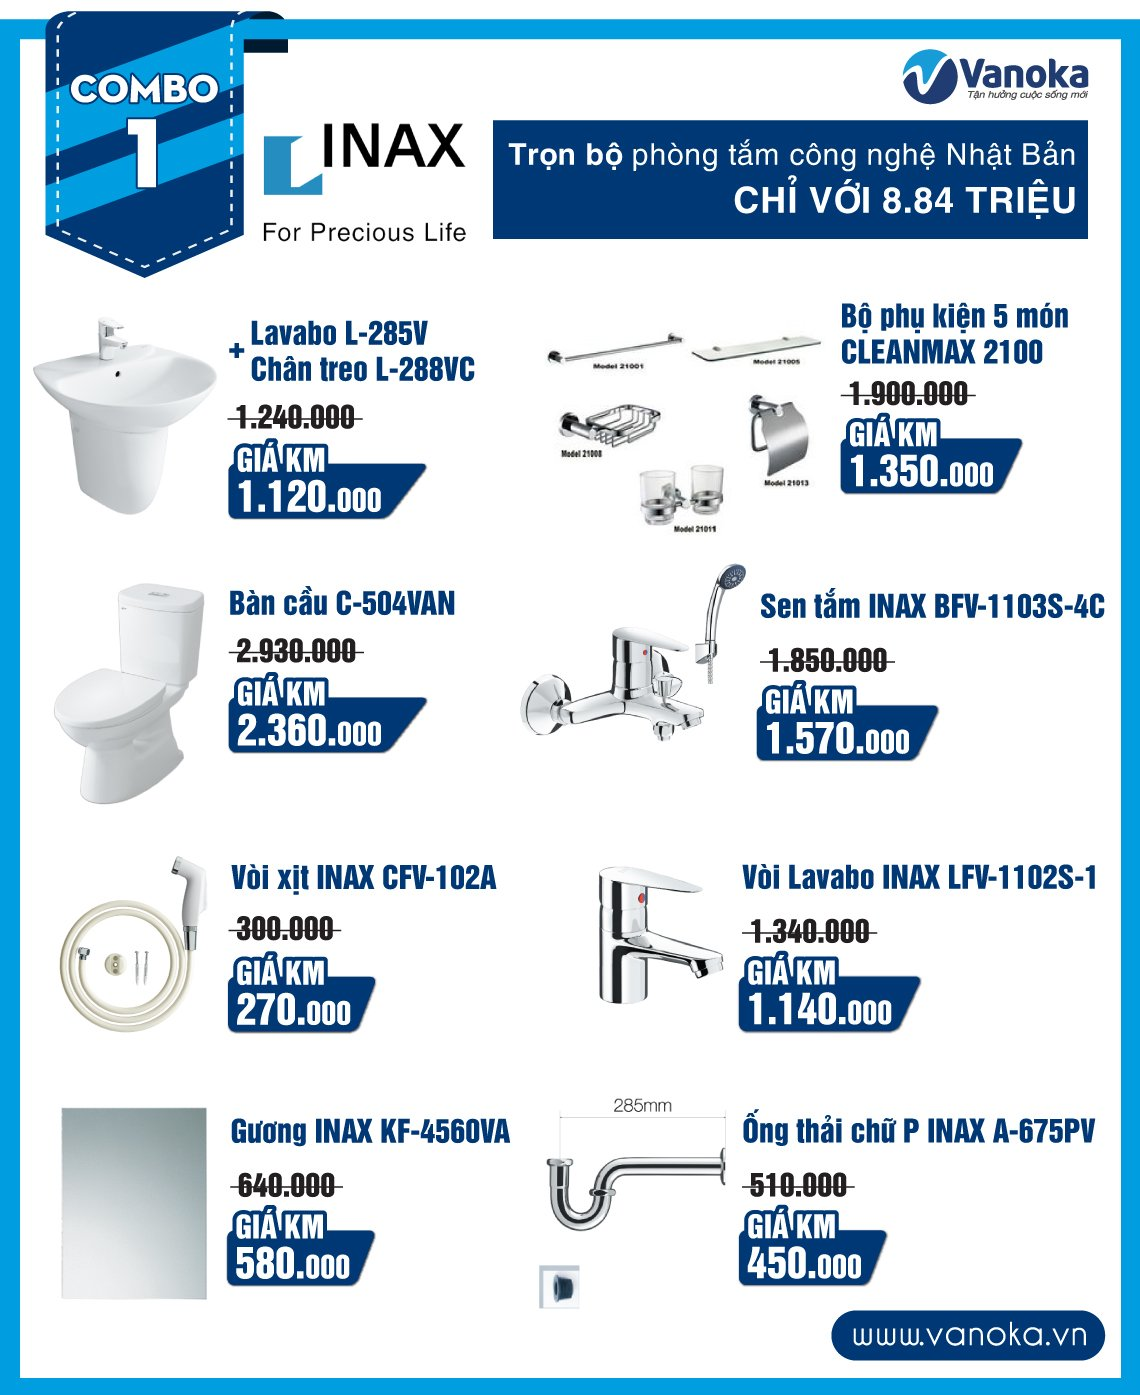 Combo Inax 1: Trọn bộ phòng tắm công nghệ Nhật Bản Chỉ với 8.84 triệu thumbnail